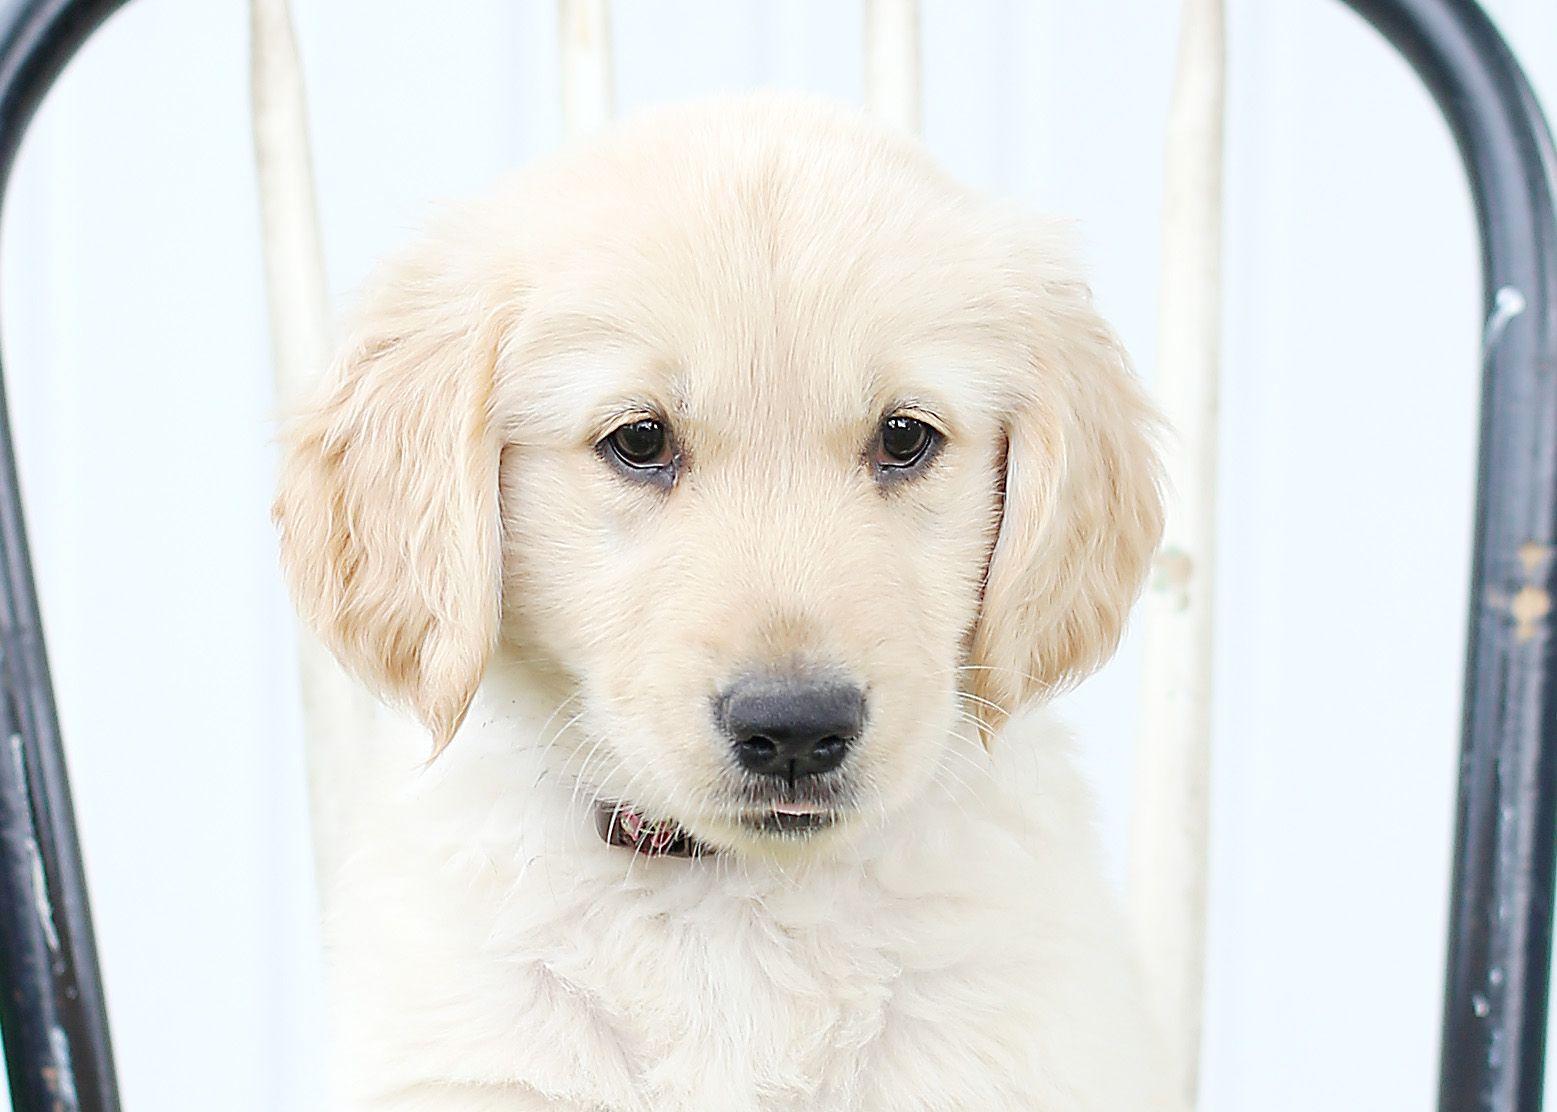 Puppy Dog Cute Puppy Creative Puppy Photo Golden Retriever